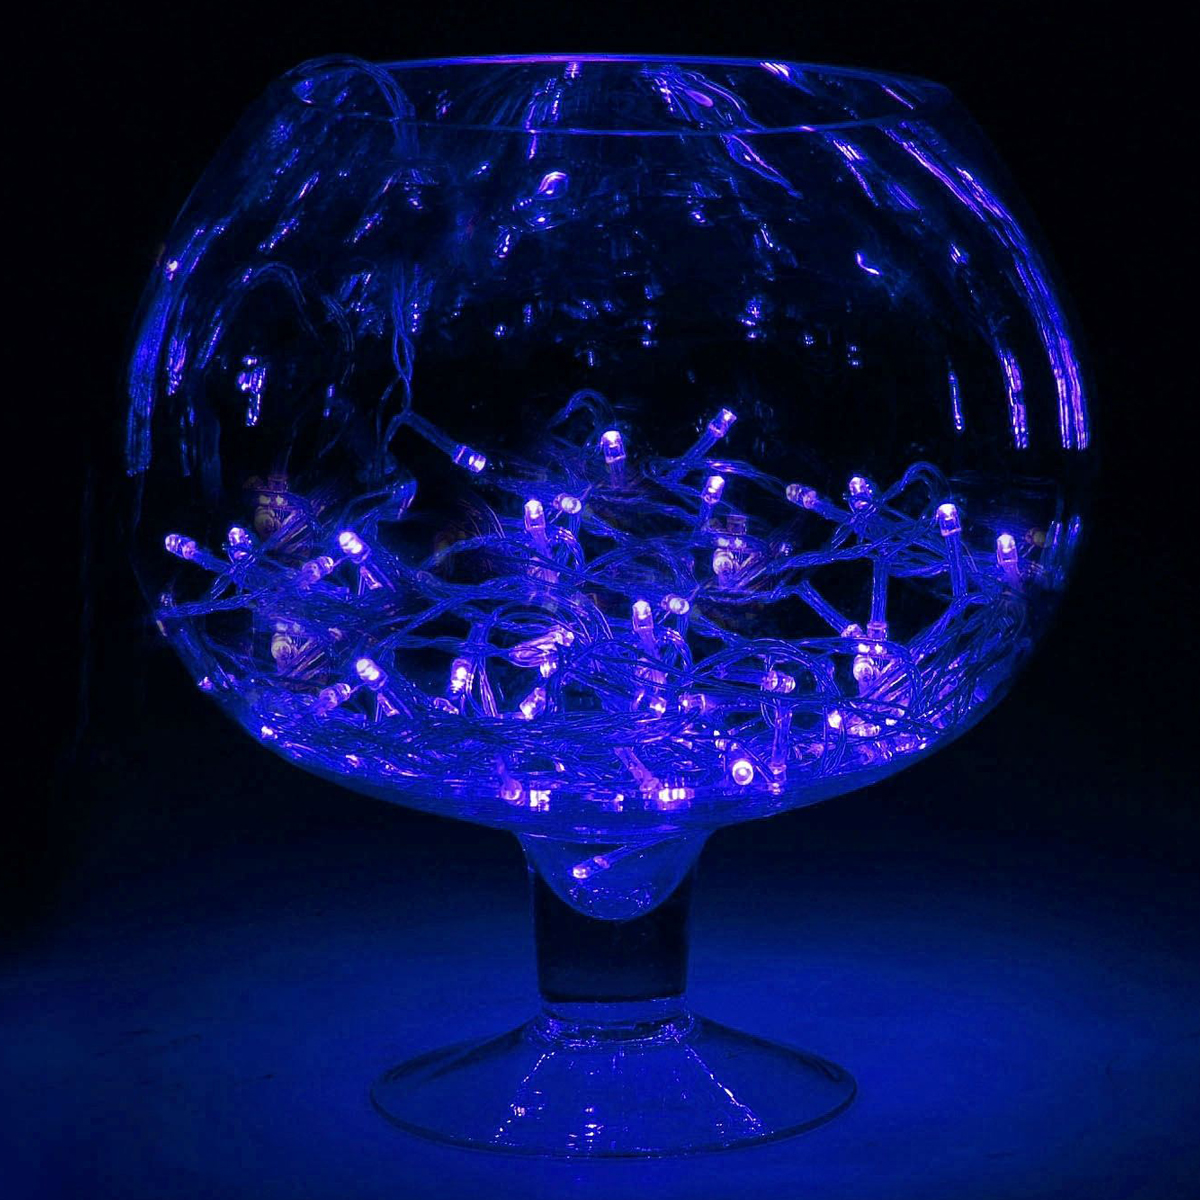 Гирлянда светодиодная Luazon Метраж, 8 режимов, 50 ламп, 220 V, 5,2 м, цвет: синий. 671029671029Светодиодные гирлянды, ленты и т.д. — это отличный вариант для новогоднего оформления интерьера или фасада. С их помощью помещение любого размера можно превратить в праздничный зал, а внешние элементы зданий, украшенные ими, мгновенно станут напоминать очертания сказочного дворца. Такие украшения создают ауру предвкушения чуда. Деревья, фасады, витрины, окна и арки будто специально созданы, чтобы вы украсили их светящимися нитями.